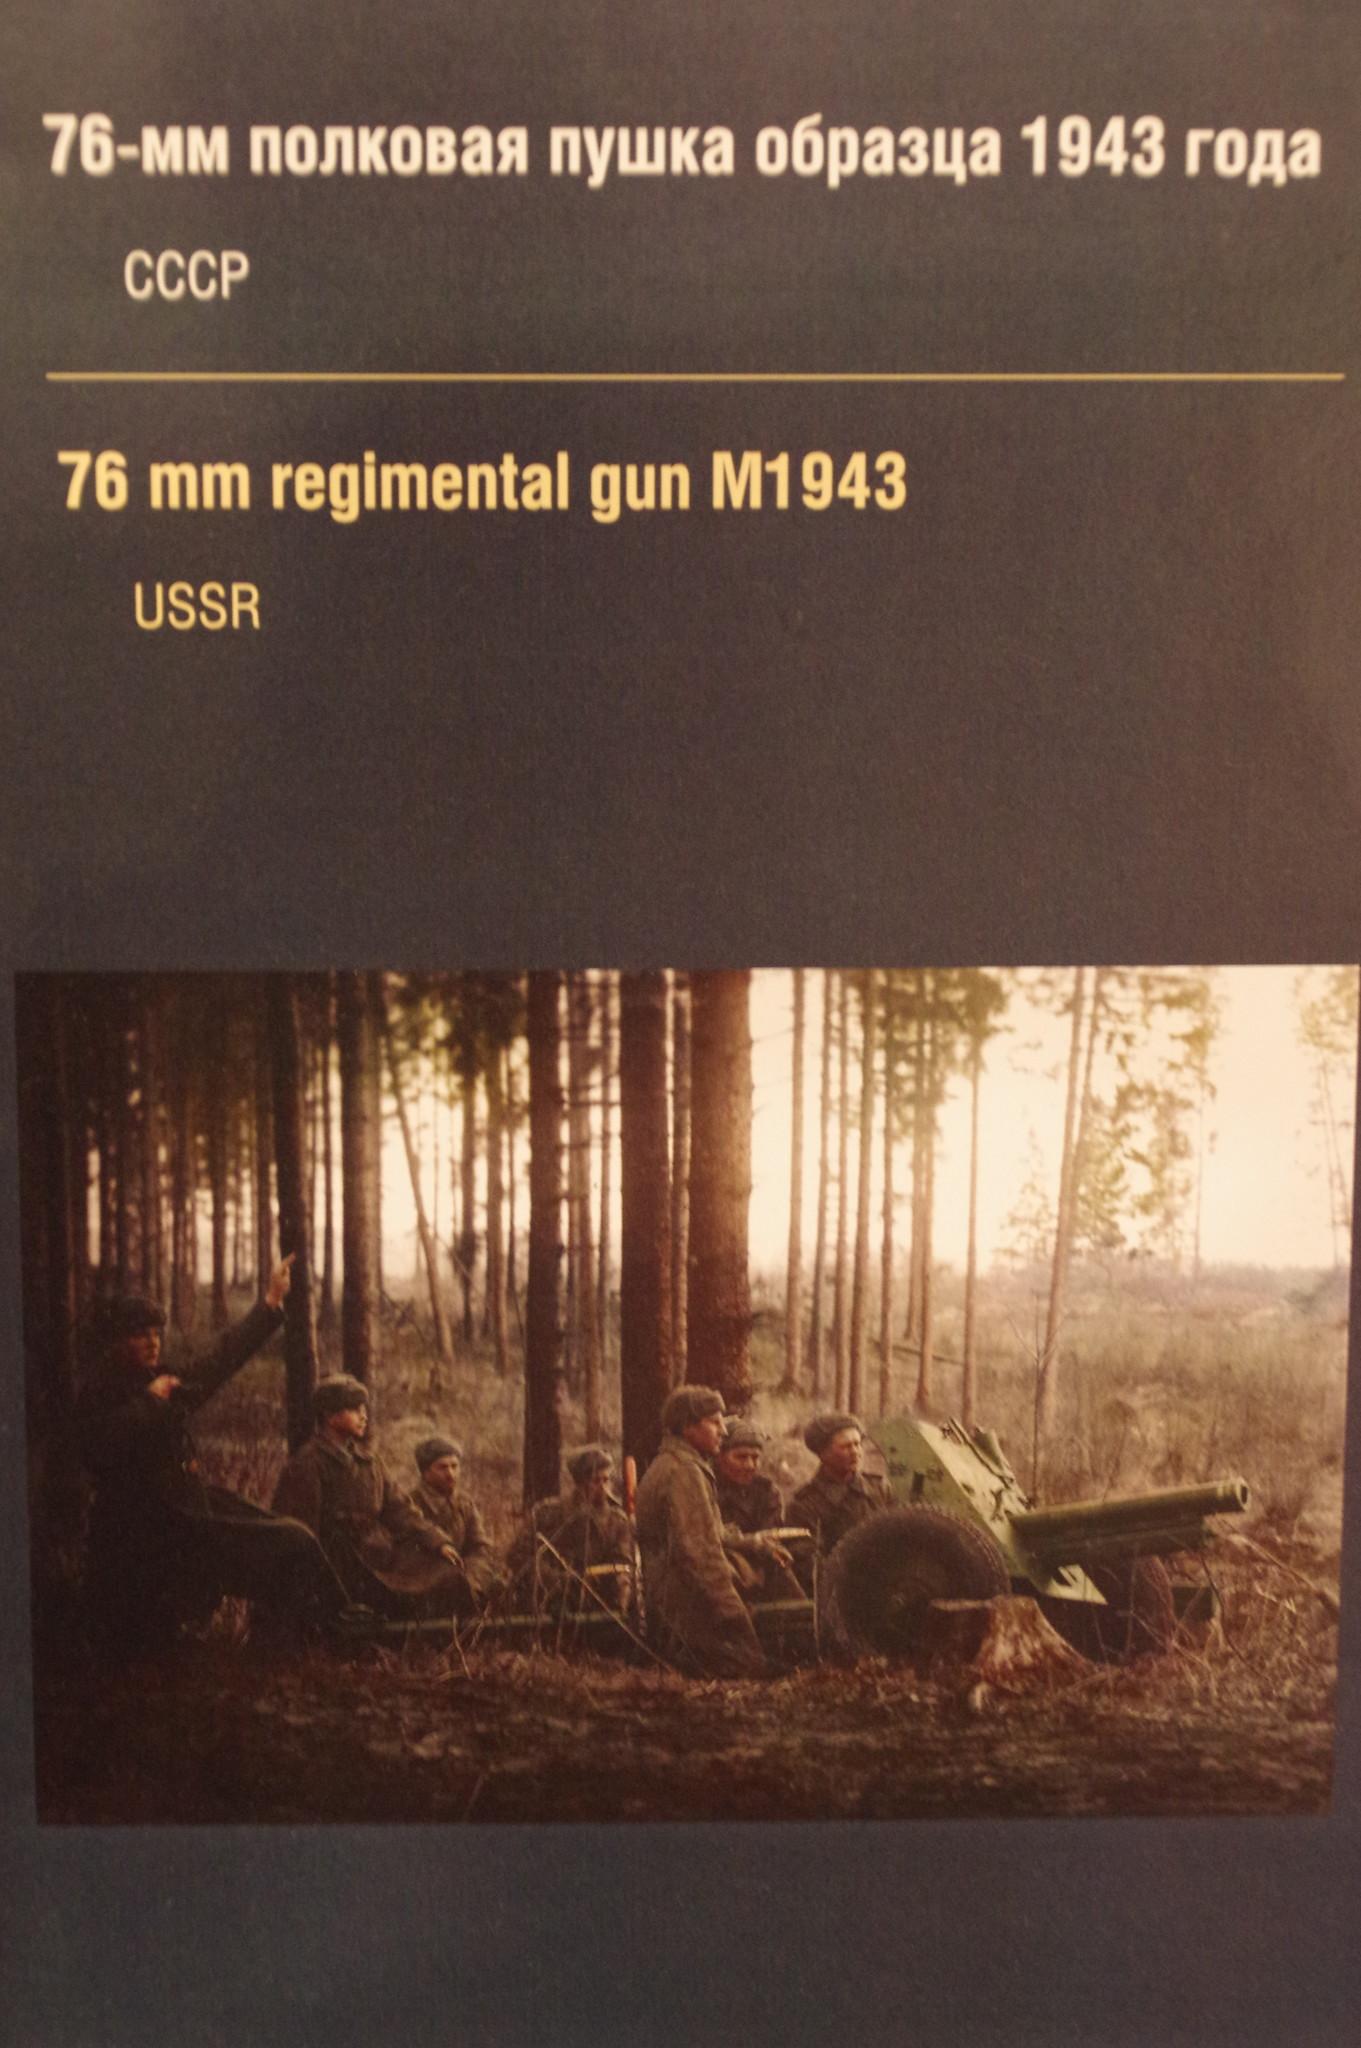 76-мм полковая пушка образца 1943 года в экспозиции Музея Победы